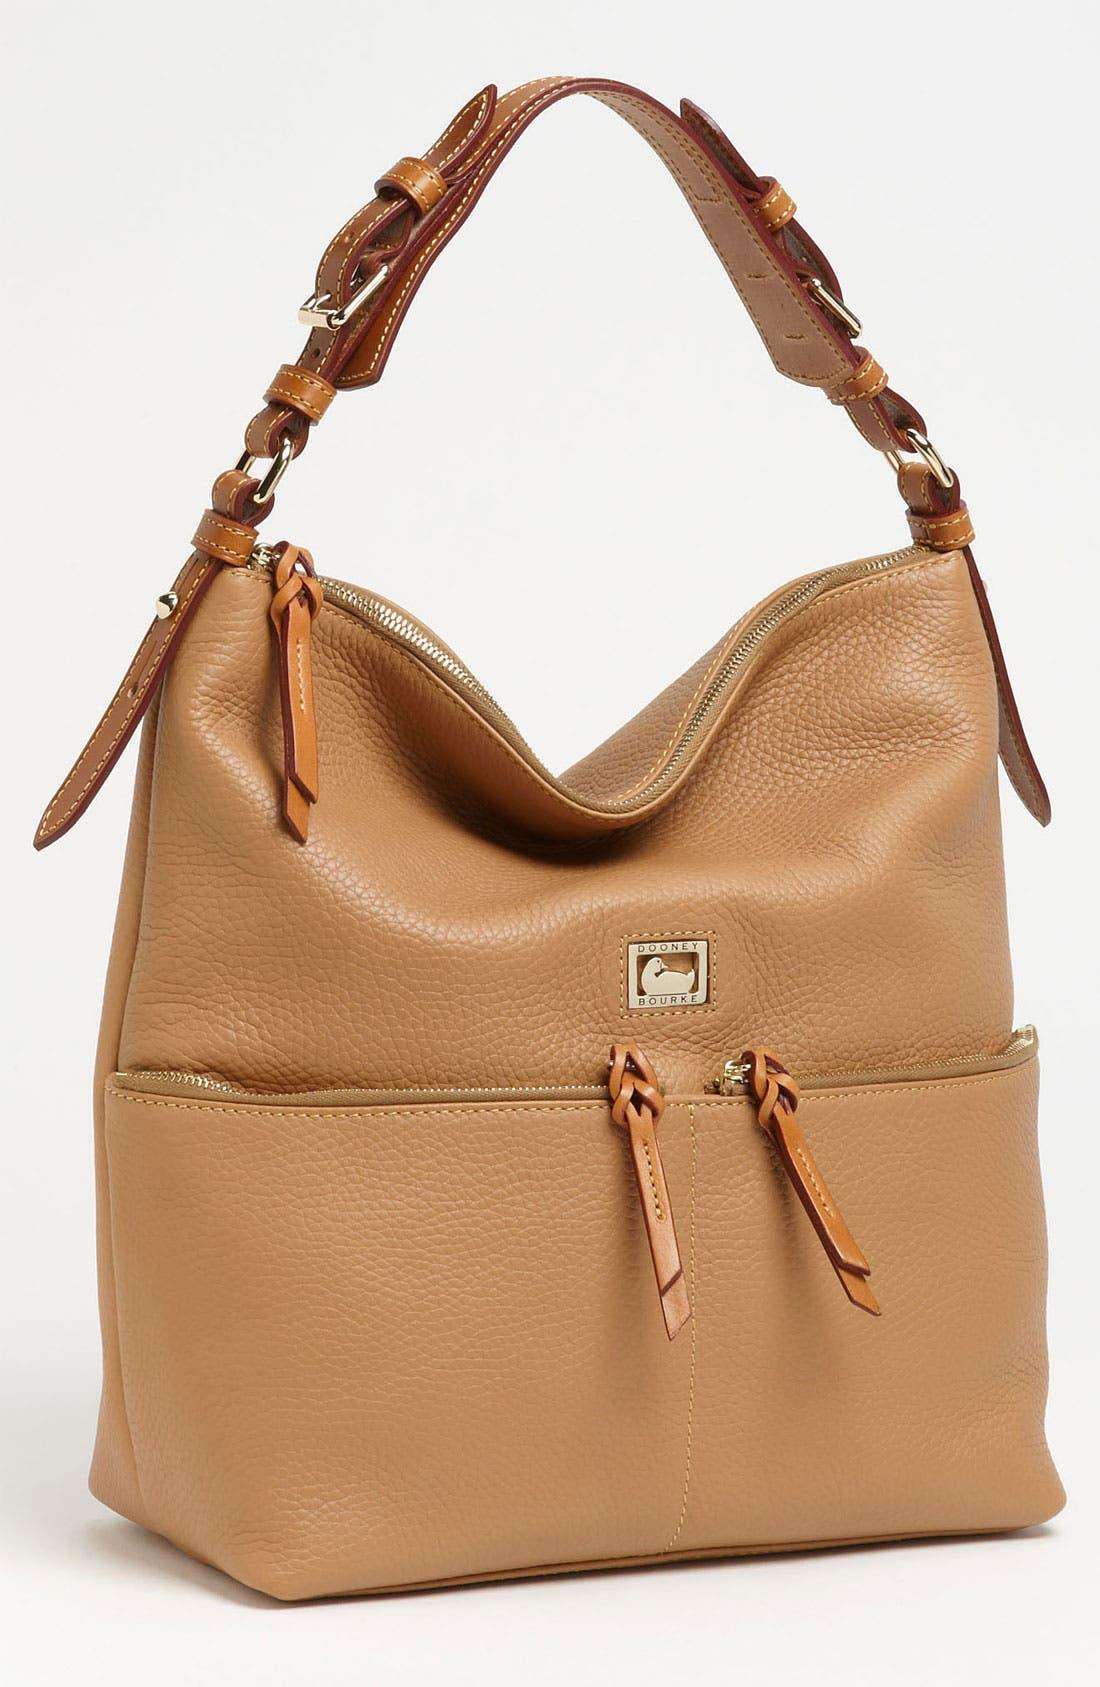 Alternate Image 1 Selected - Dooney & Bourke 'Dillen - Medium' Zip Pocket Leather Hobo